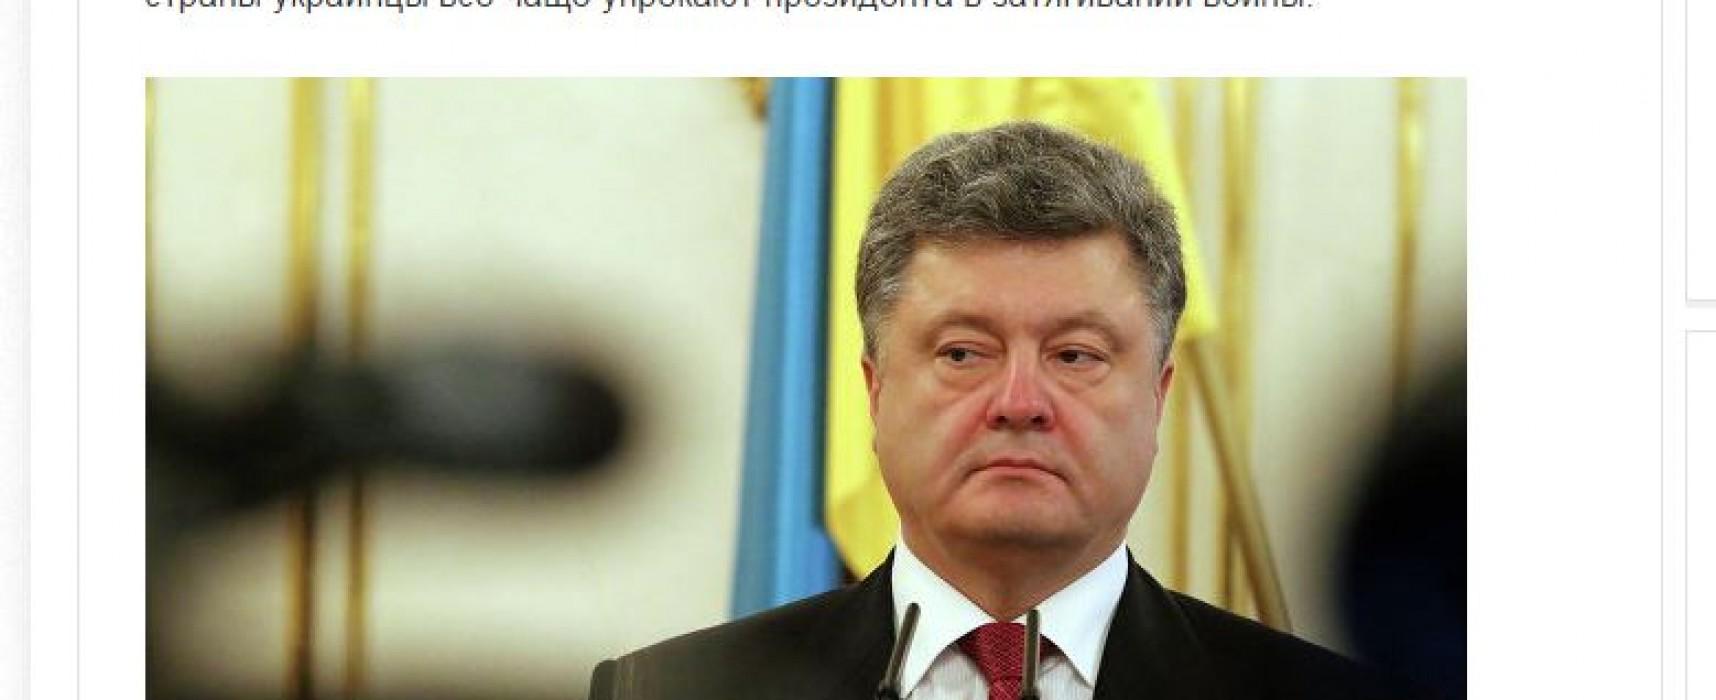 Los medios rusos tergiversaron el sentido del artículo de un diario alemán sobre el presidente de Ucrania